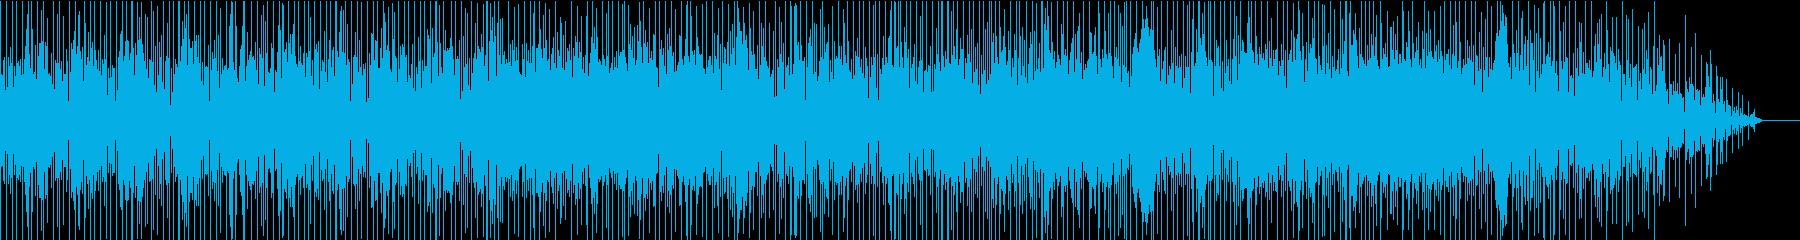 ポジティブなインストゥルメンタルリ...の再生済みの波形